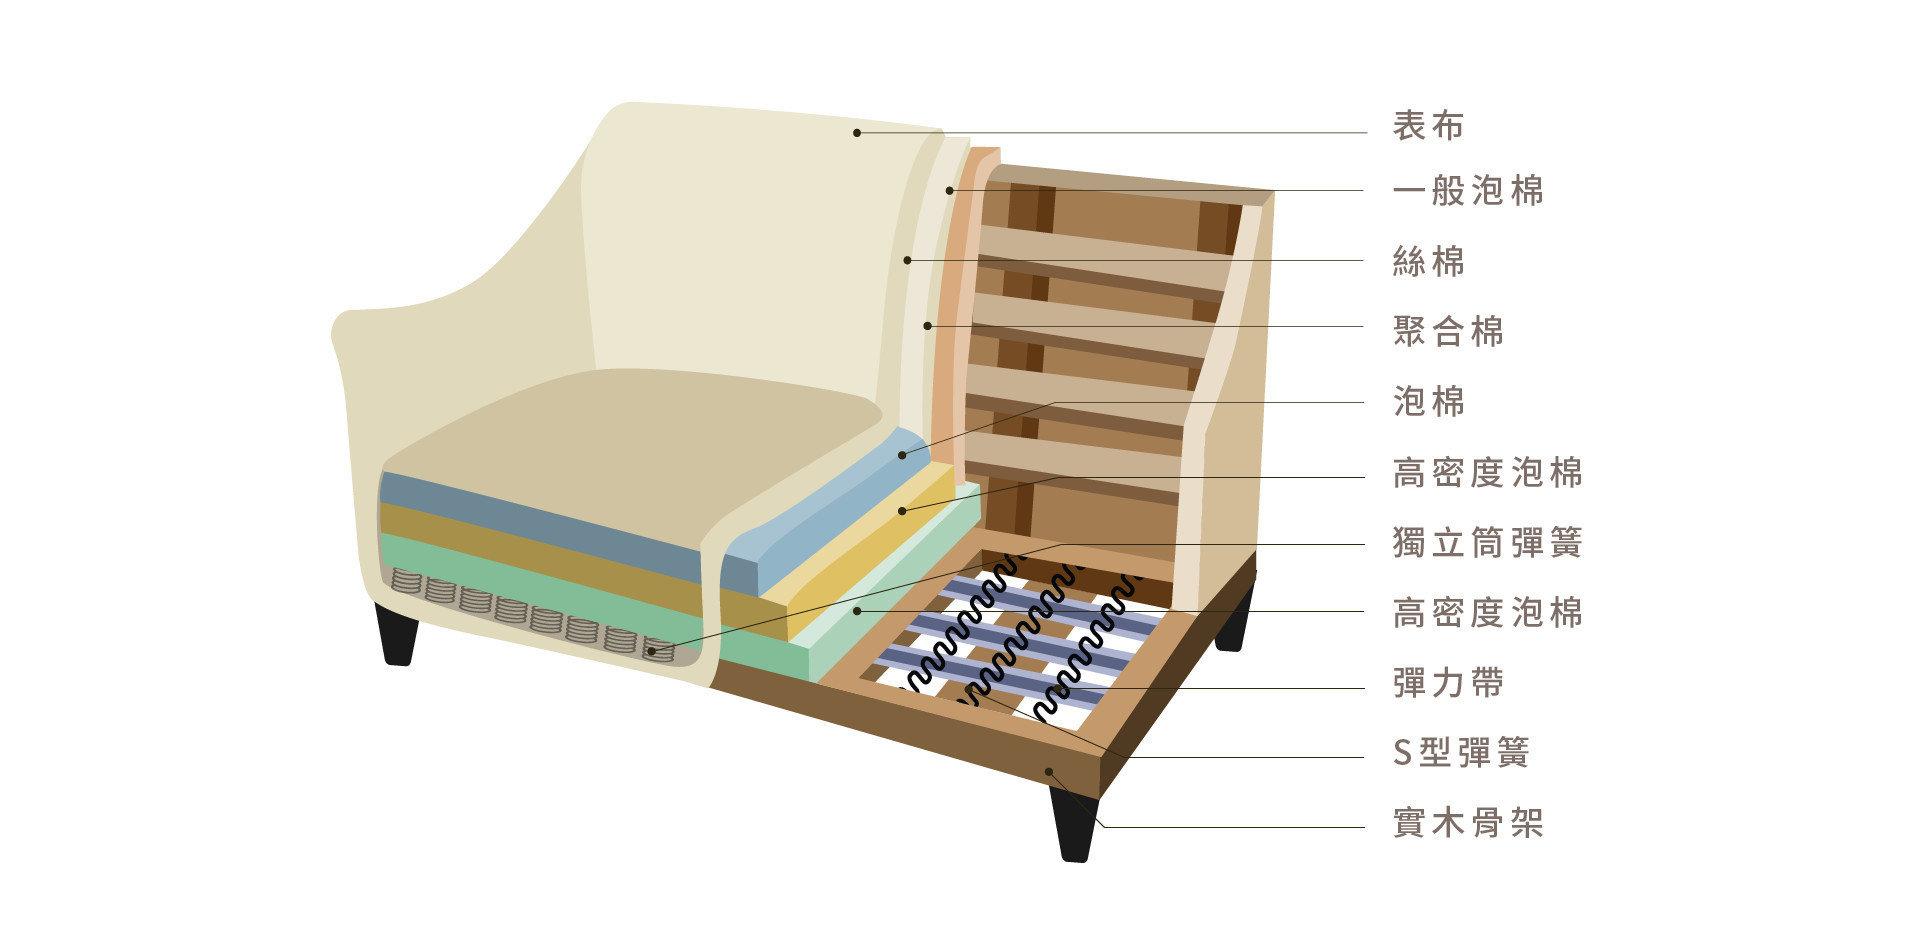 伊芙琳沙發內材結構:高密度泡棉、獨立筒彈簧、實木骨架